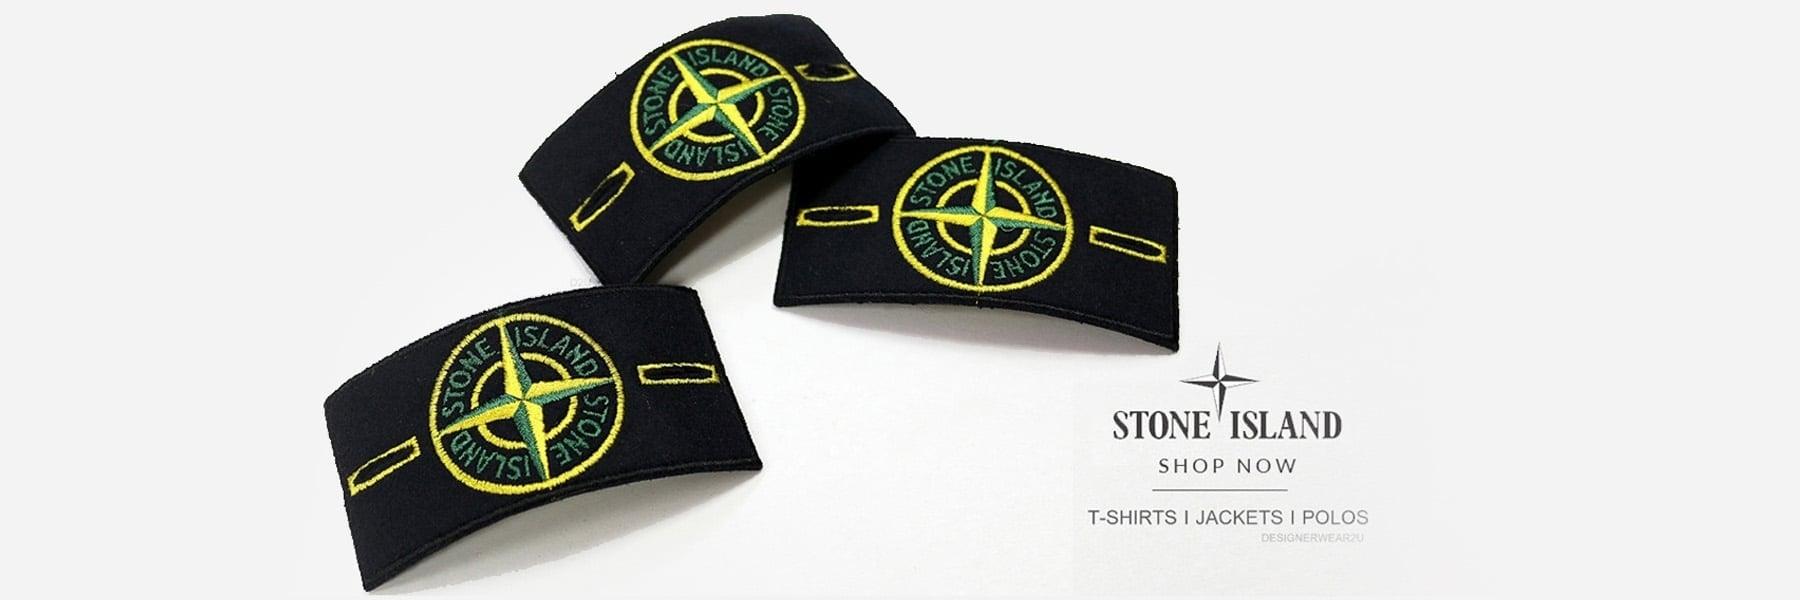 Stone Island clothing